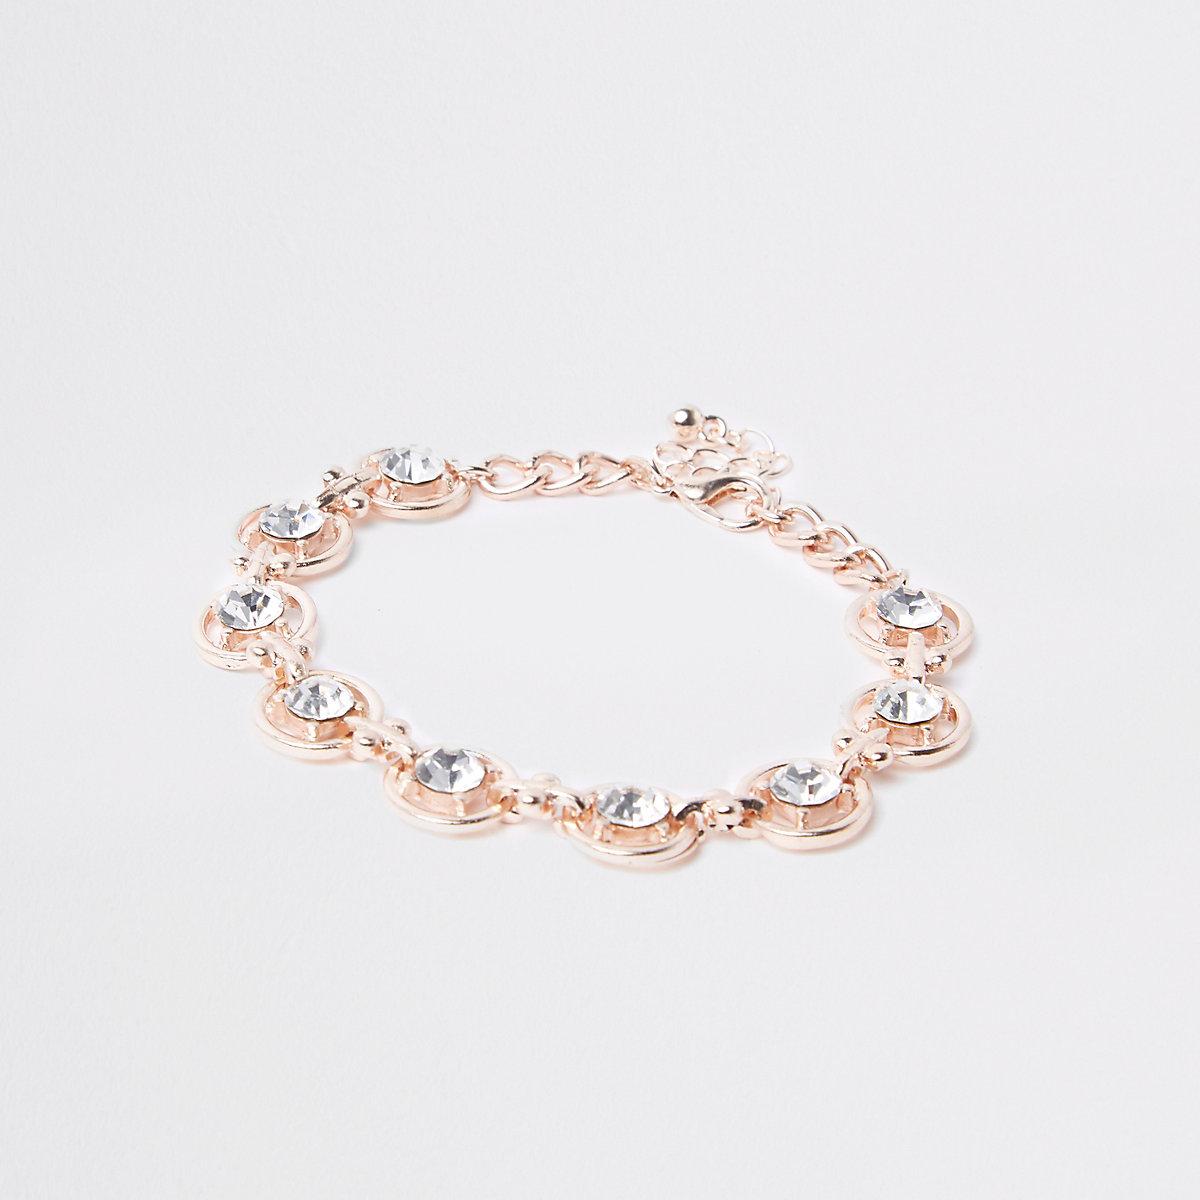 Rose gold tone rhinestone circle bracelet